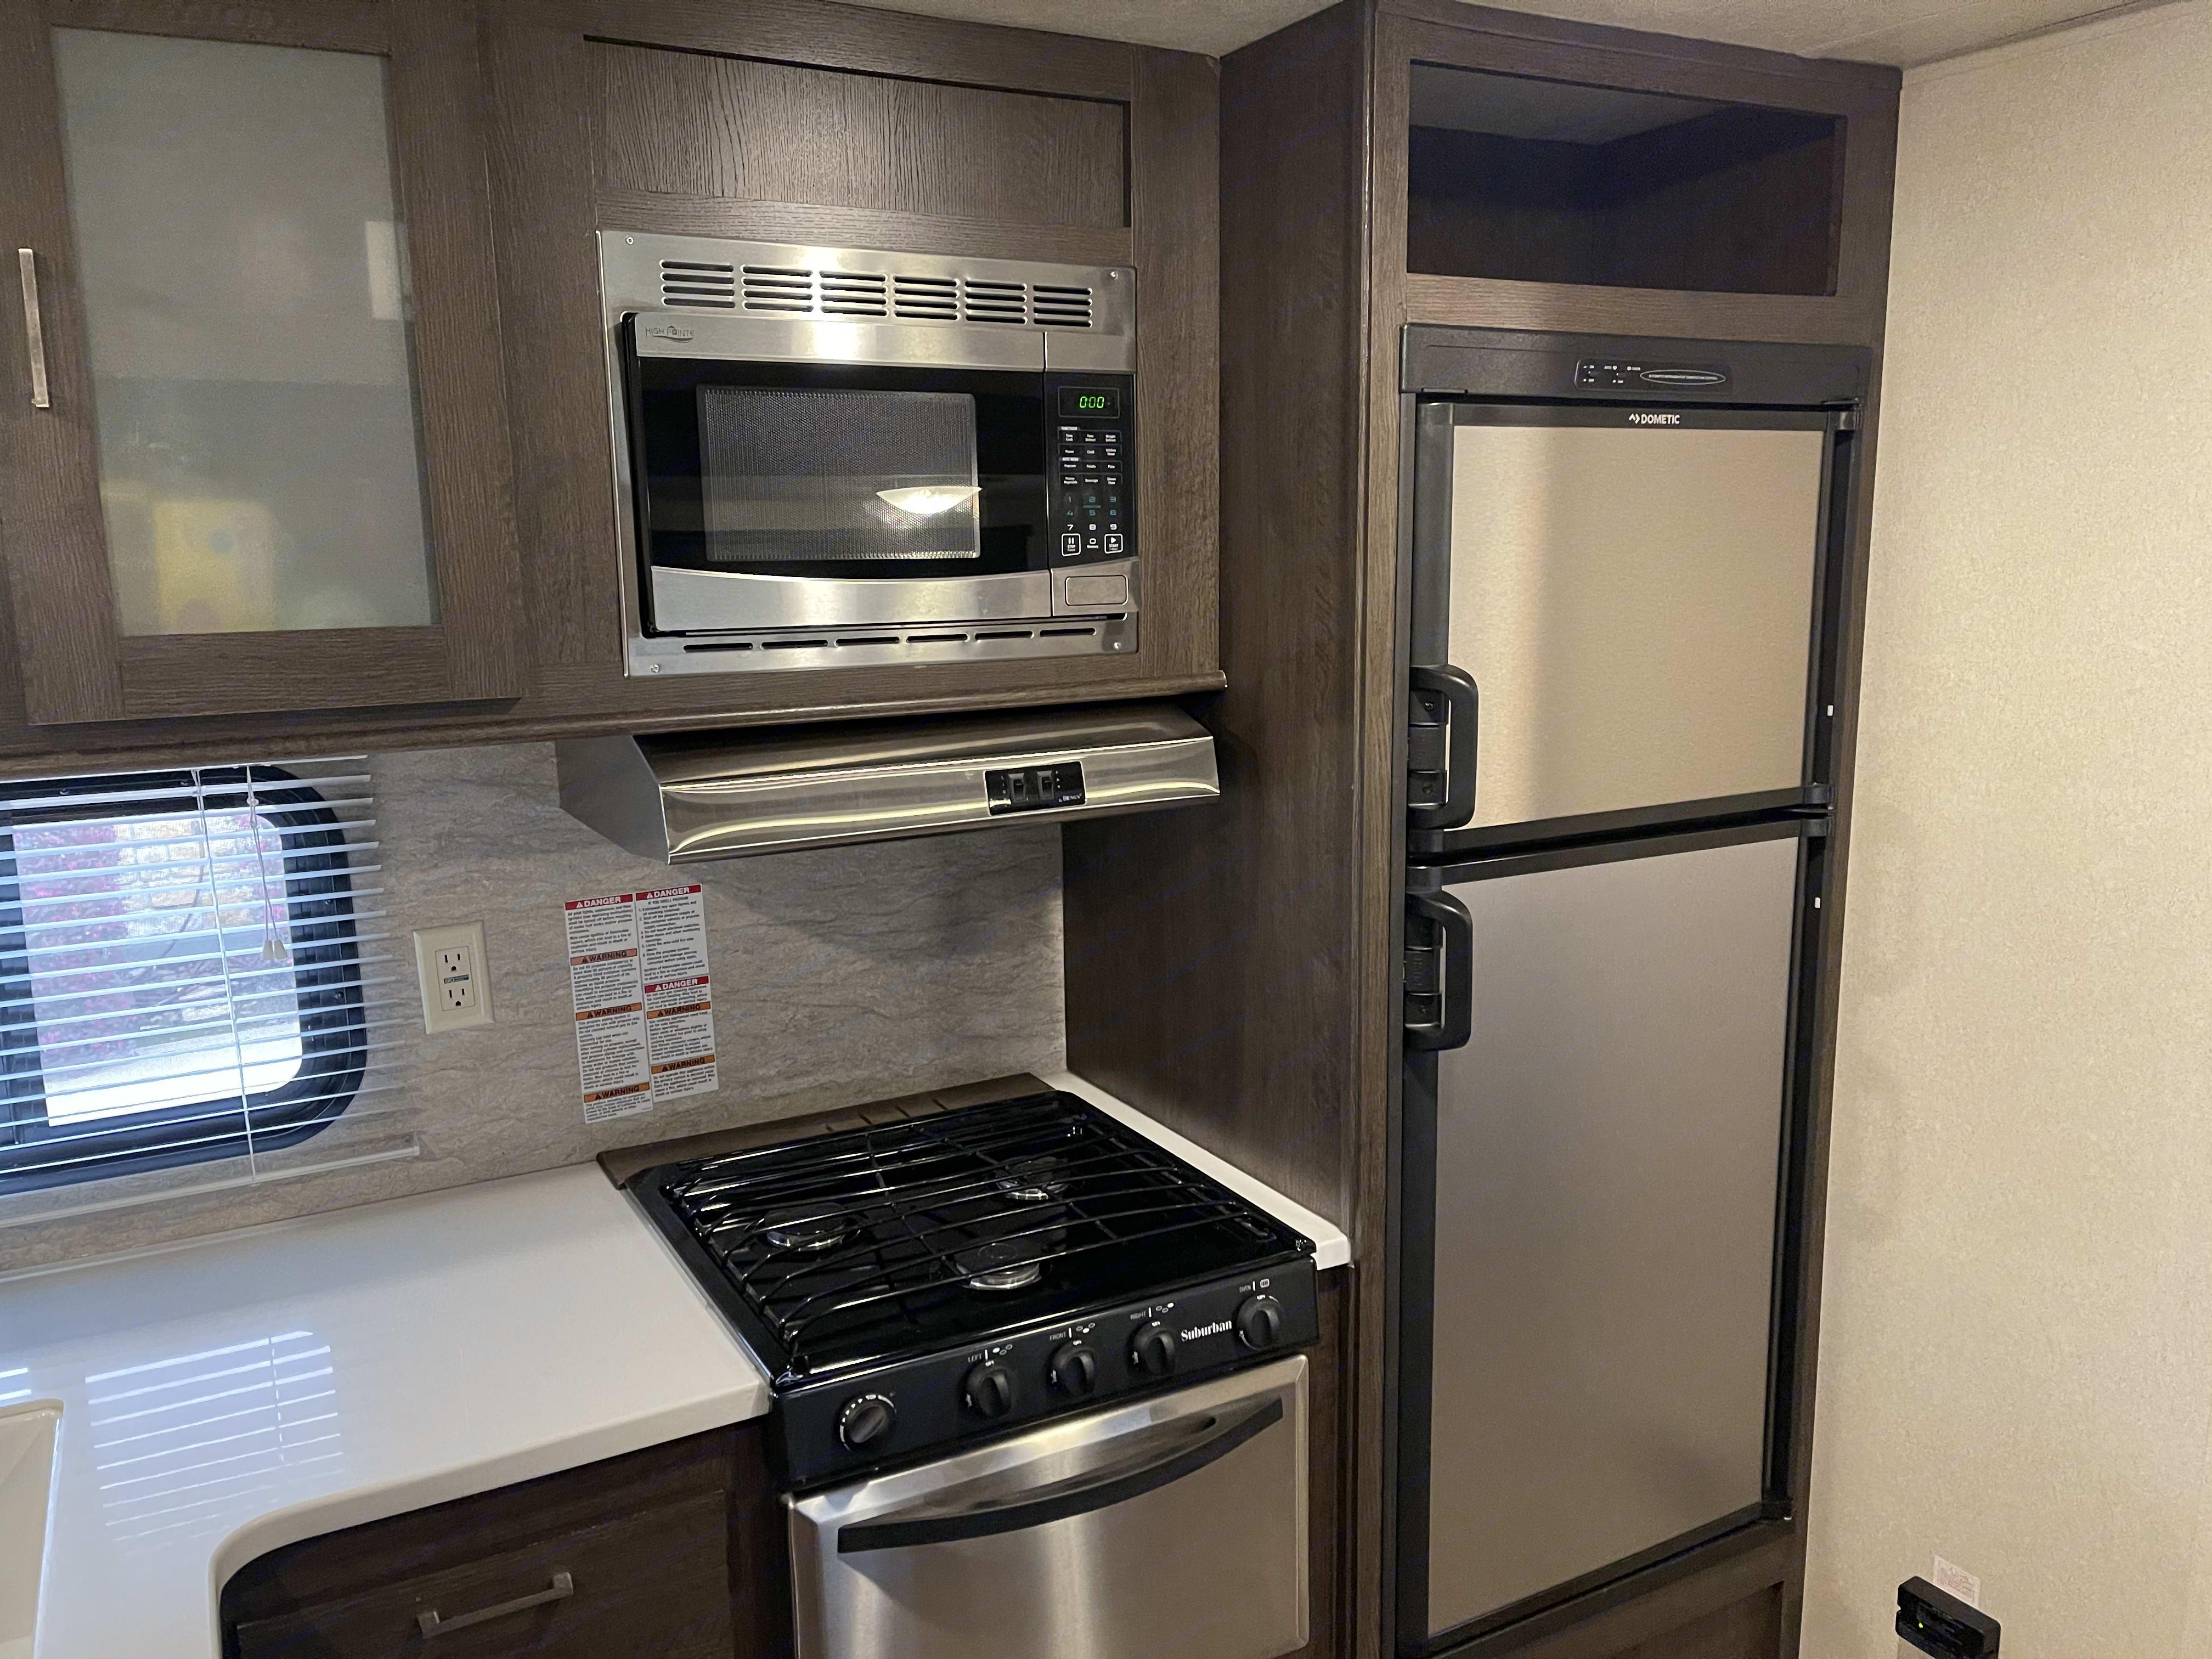 Refrigerator, freezer, 3 gas burner stove, oven and vent hood.. Forest River Wildwood 31KQBTS 2018